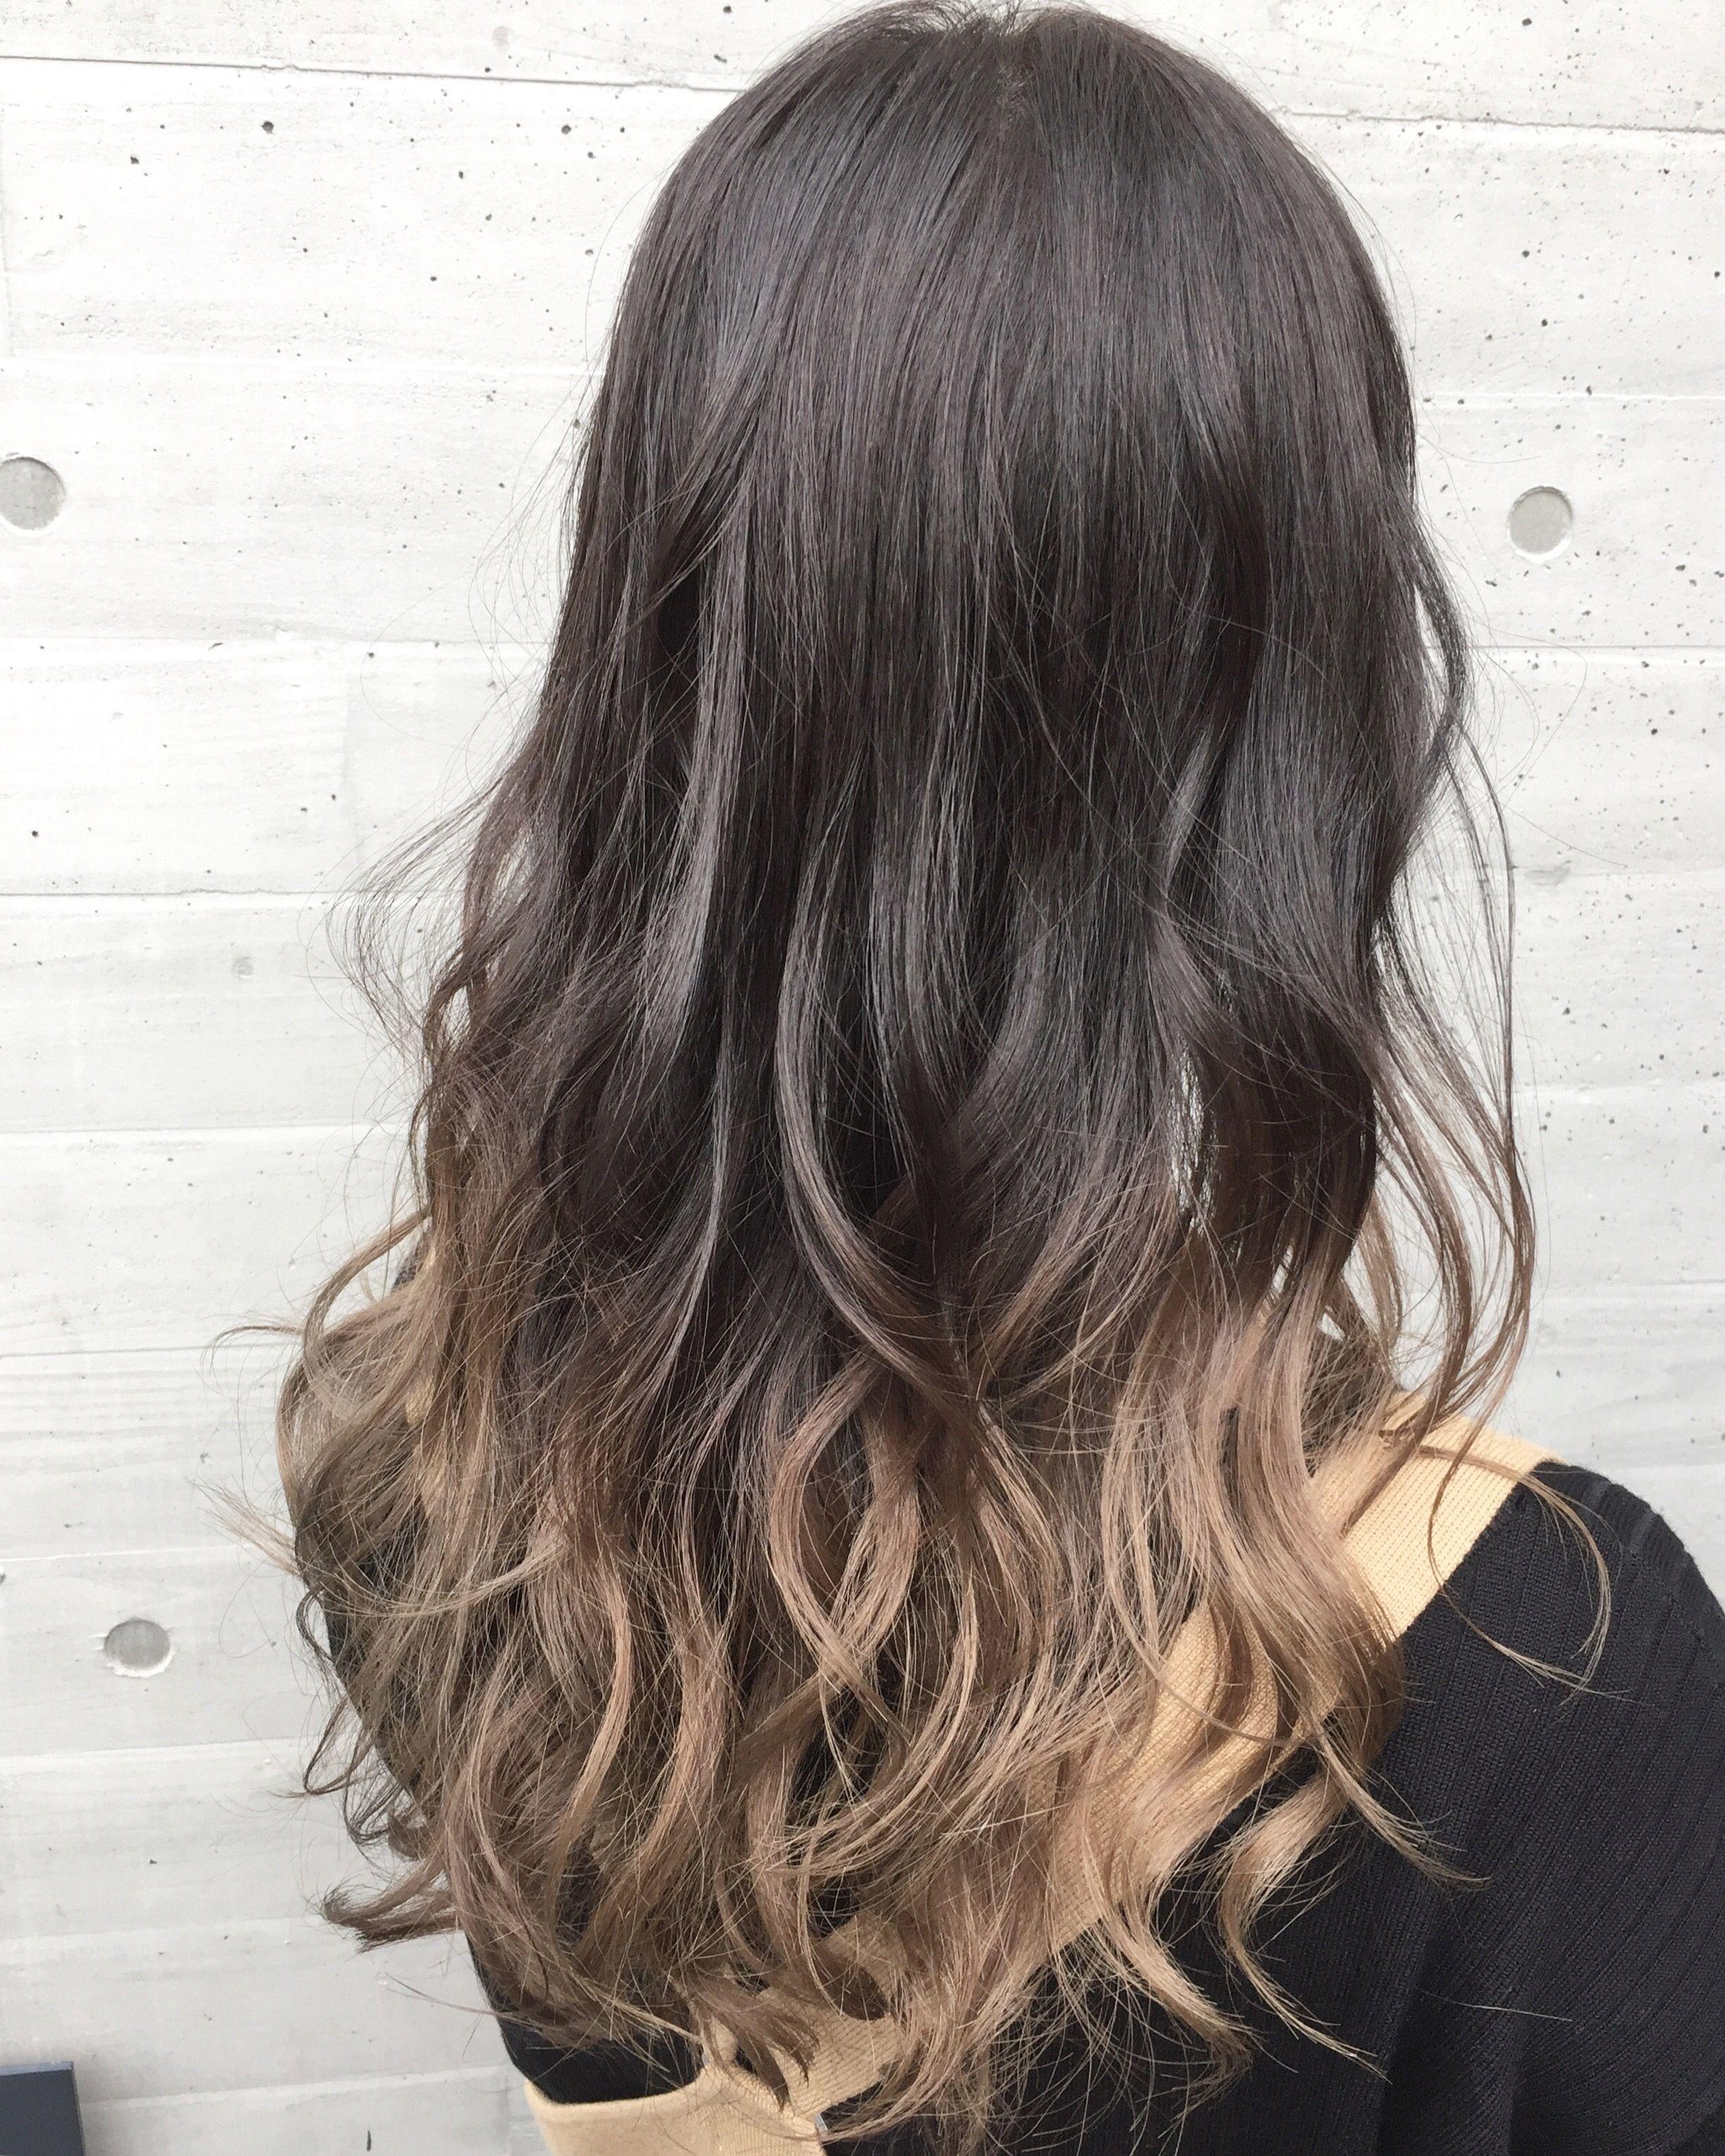 春に人気のグラデーションカラーをご紹介します 髪 グラデーション